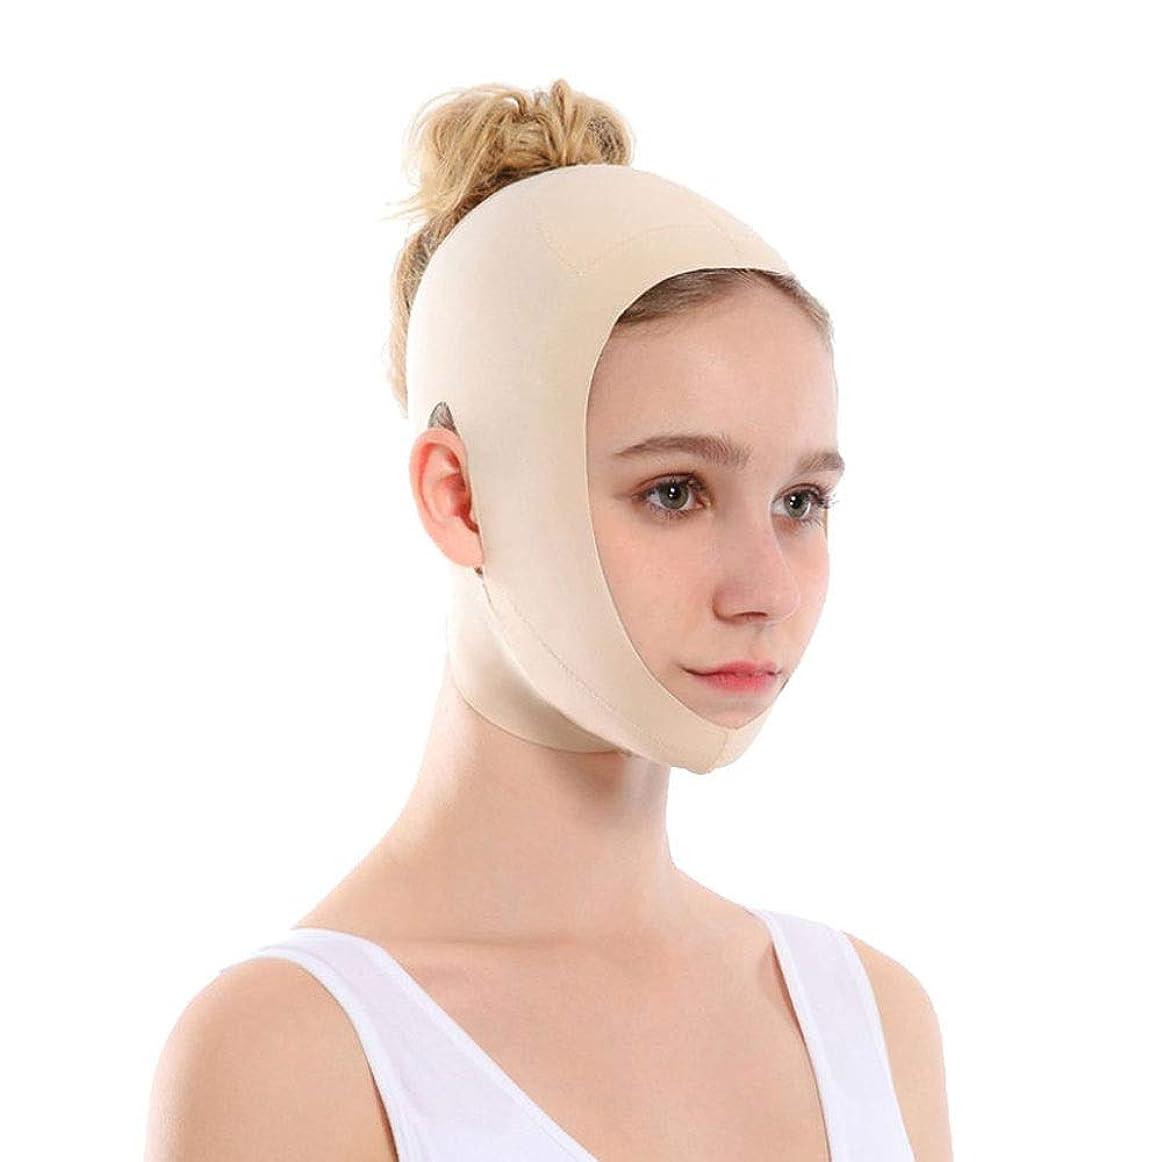 ブレーキ和らげる付き添い人顔を持ち上げるアーティファクトVフェイス包帯リフティング引き締め睡眠薄い顔を整形持ち上げる顔を二重あご矯正 - 肌の色